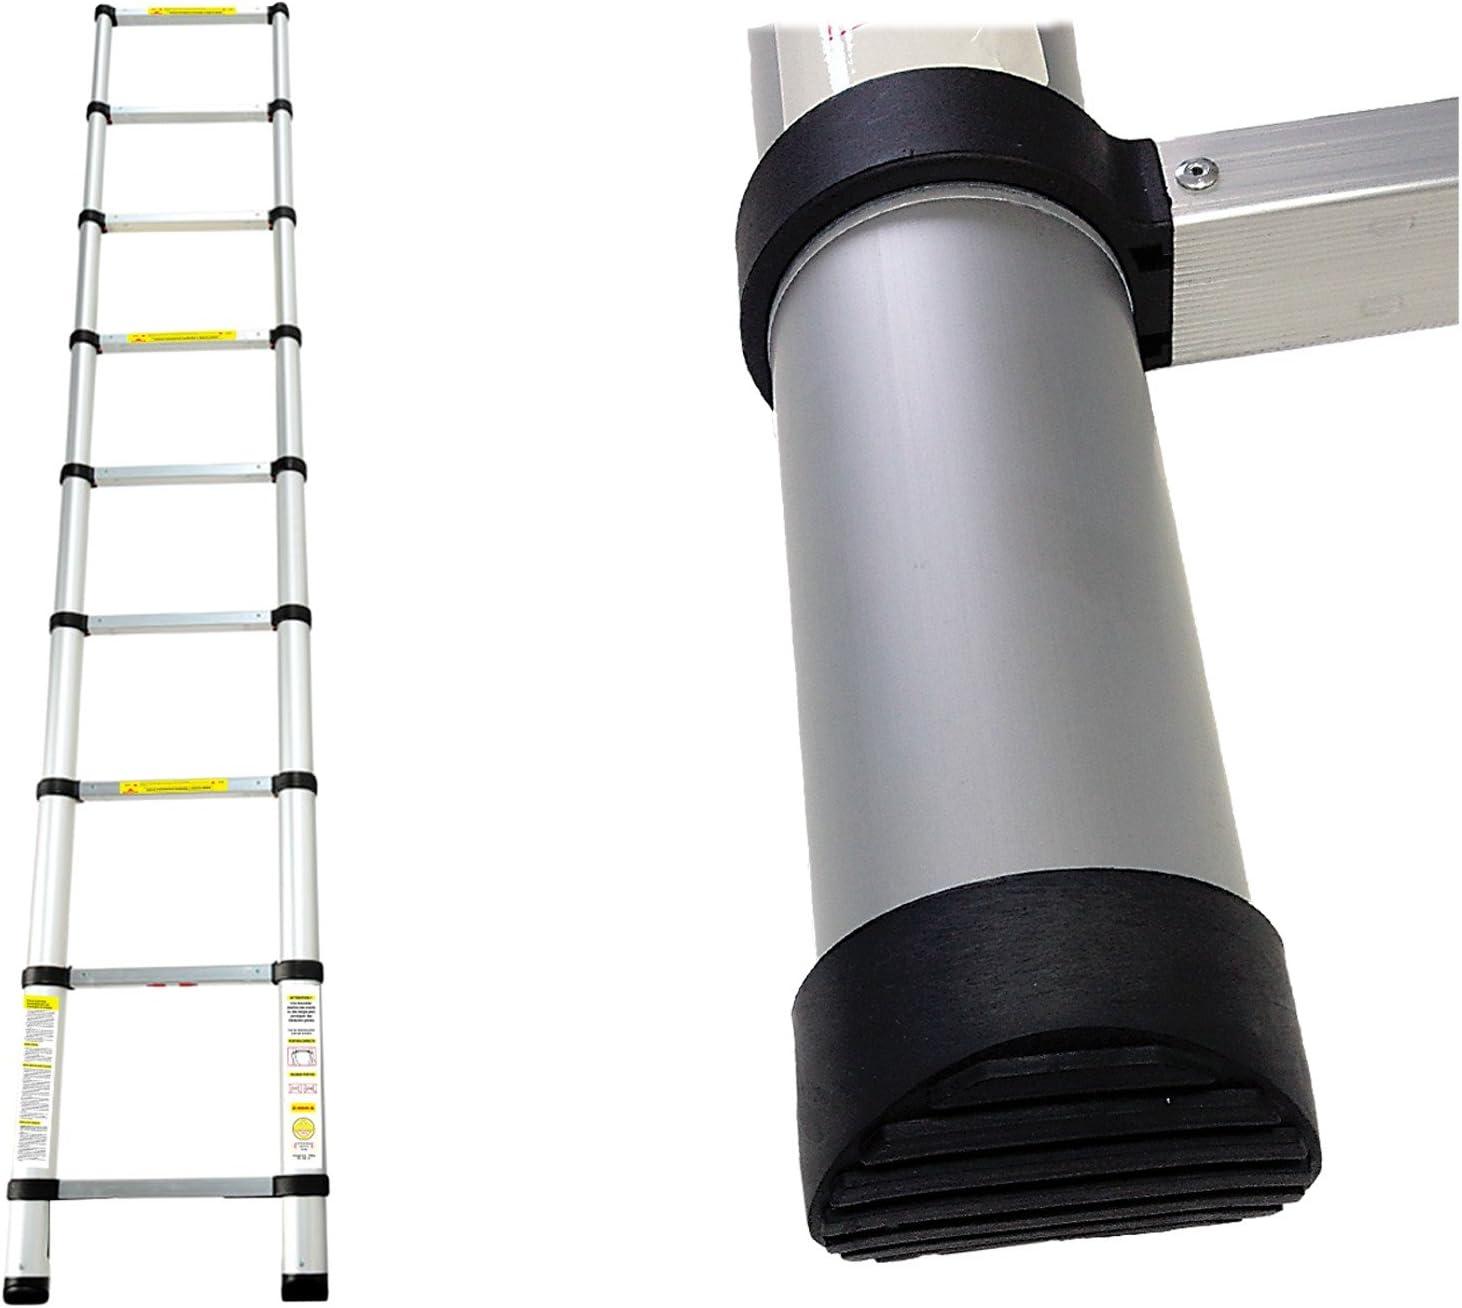 EN 131 2,6 m/ètre Sac de transport OFFERT /Échelle Extensible Leogreen /échelle d/éploy/ée Charge maximale: 150 kg s Echelle Telescopique Distance entre les marches : 30 cm